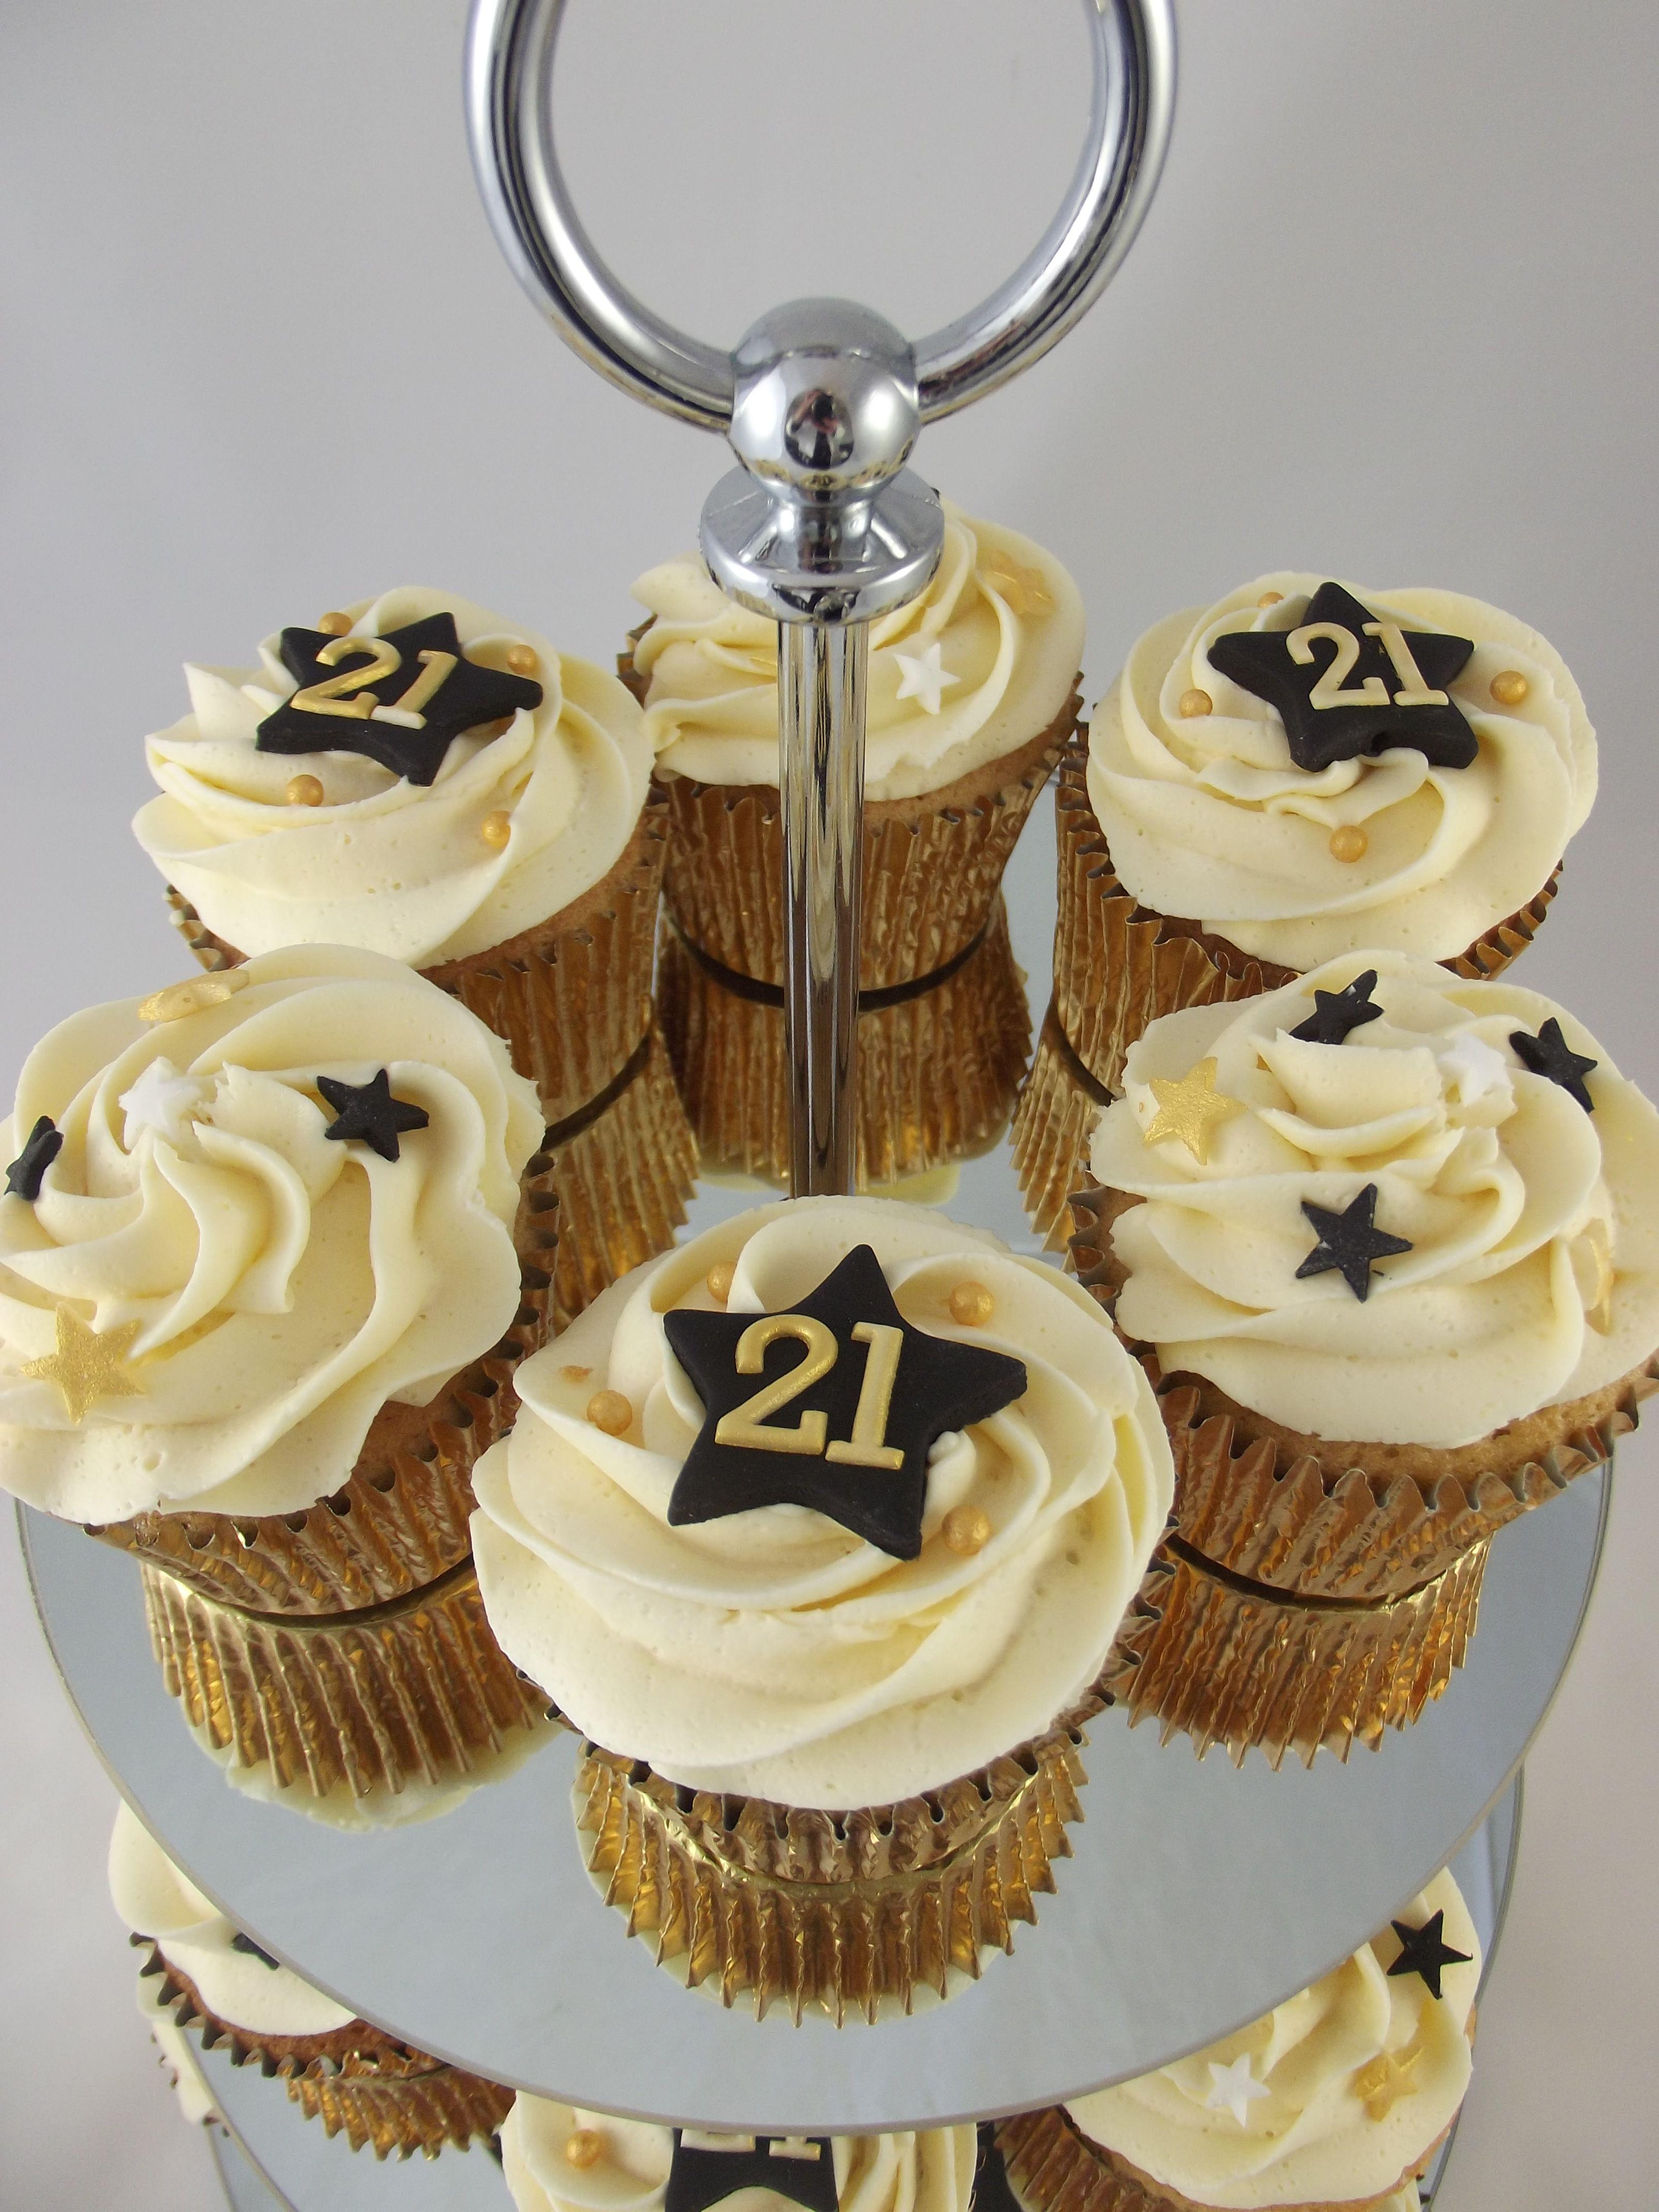 21st Birthday Cake Designs For Men